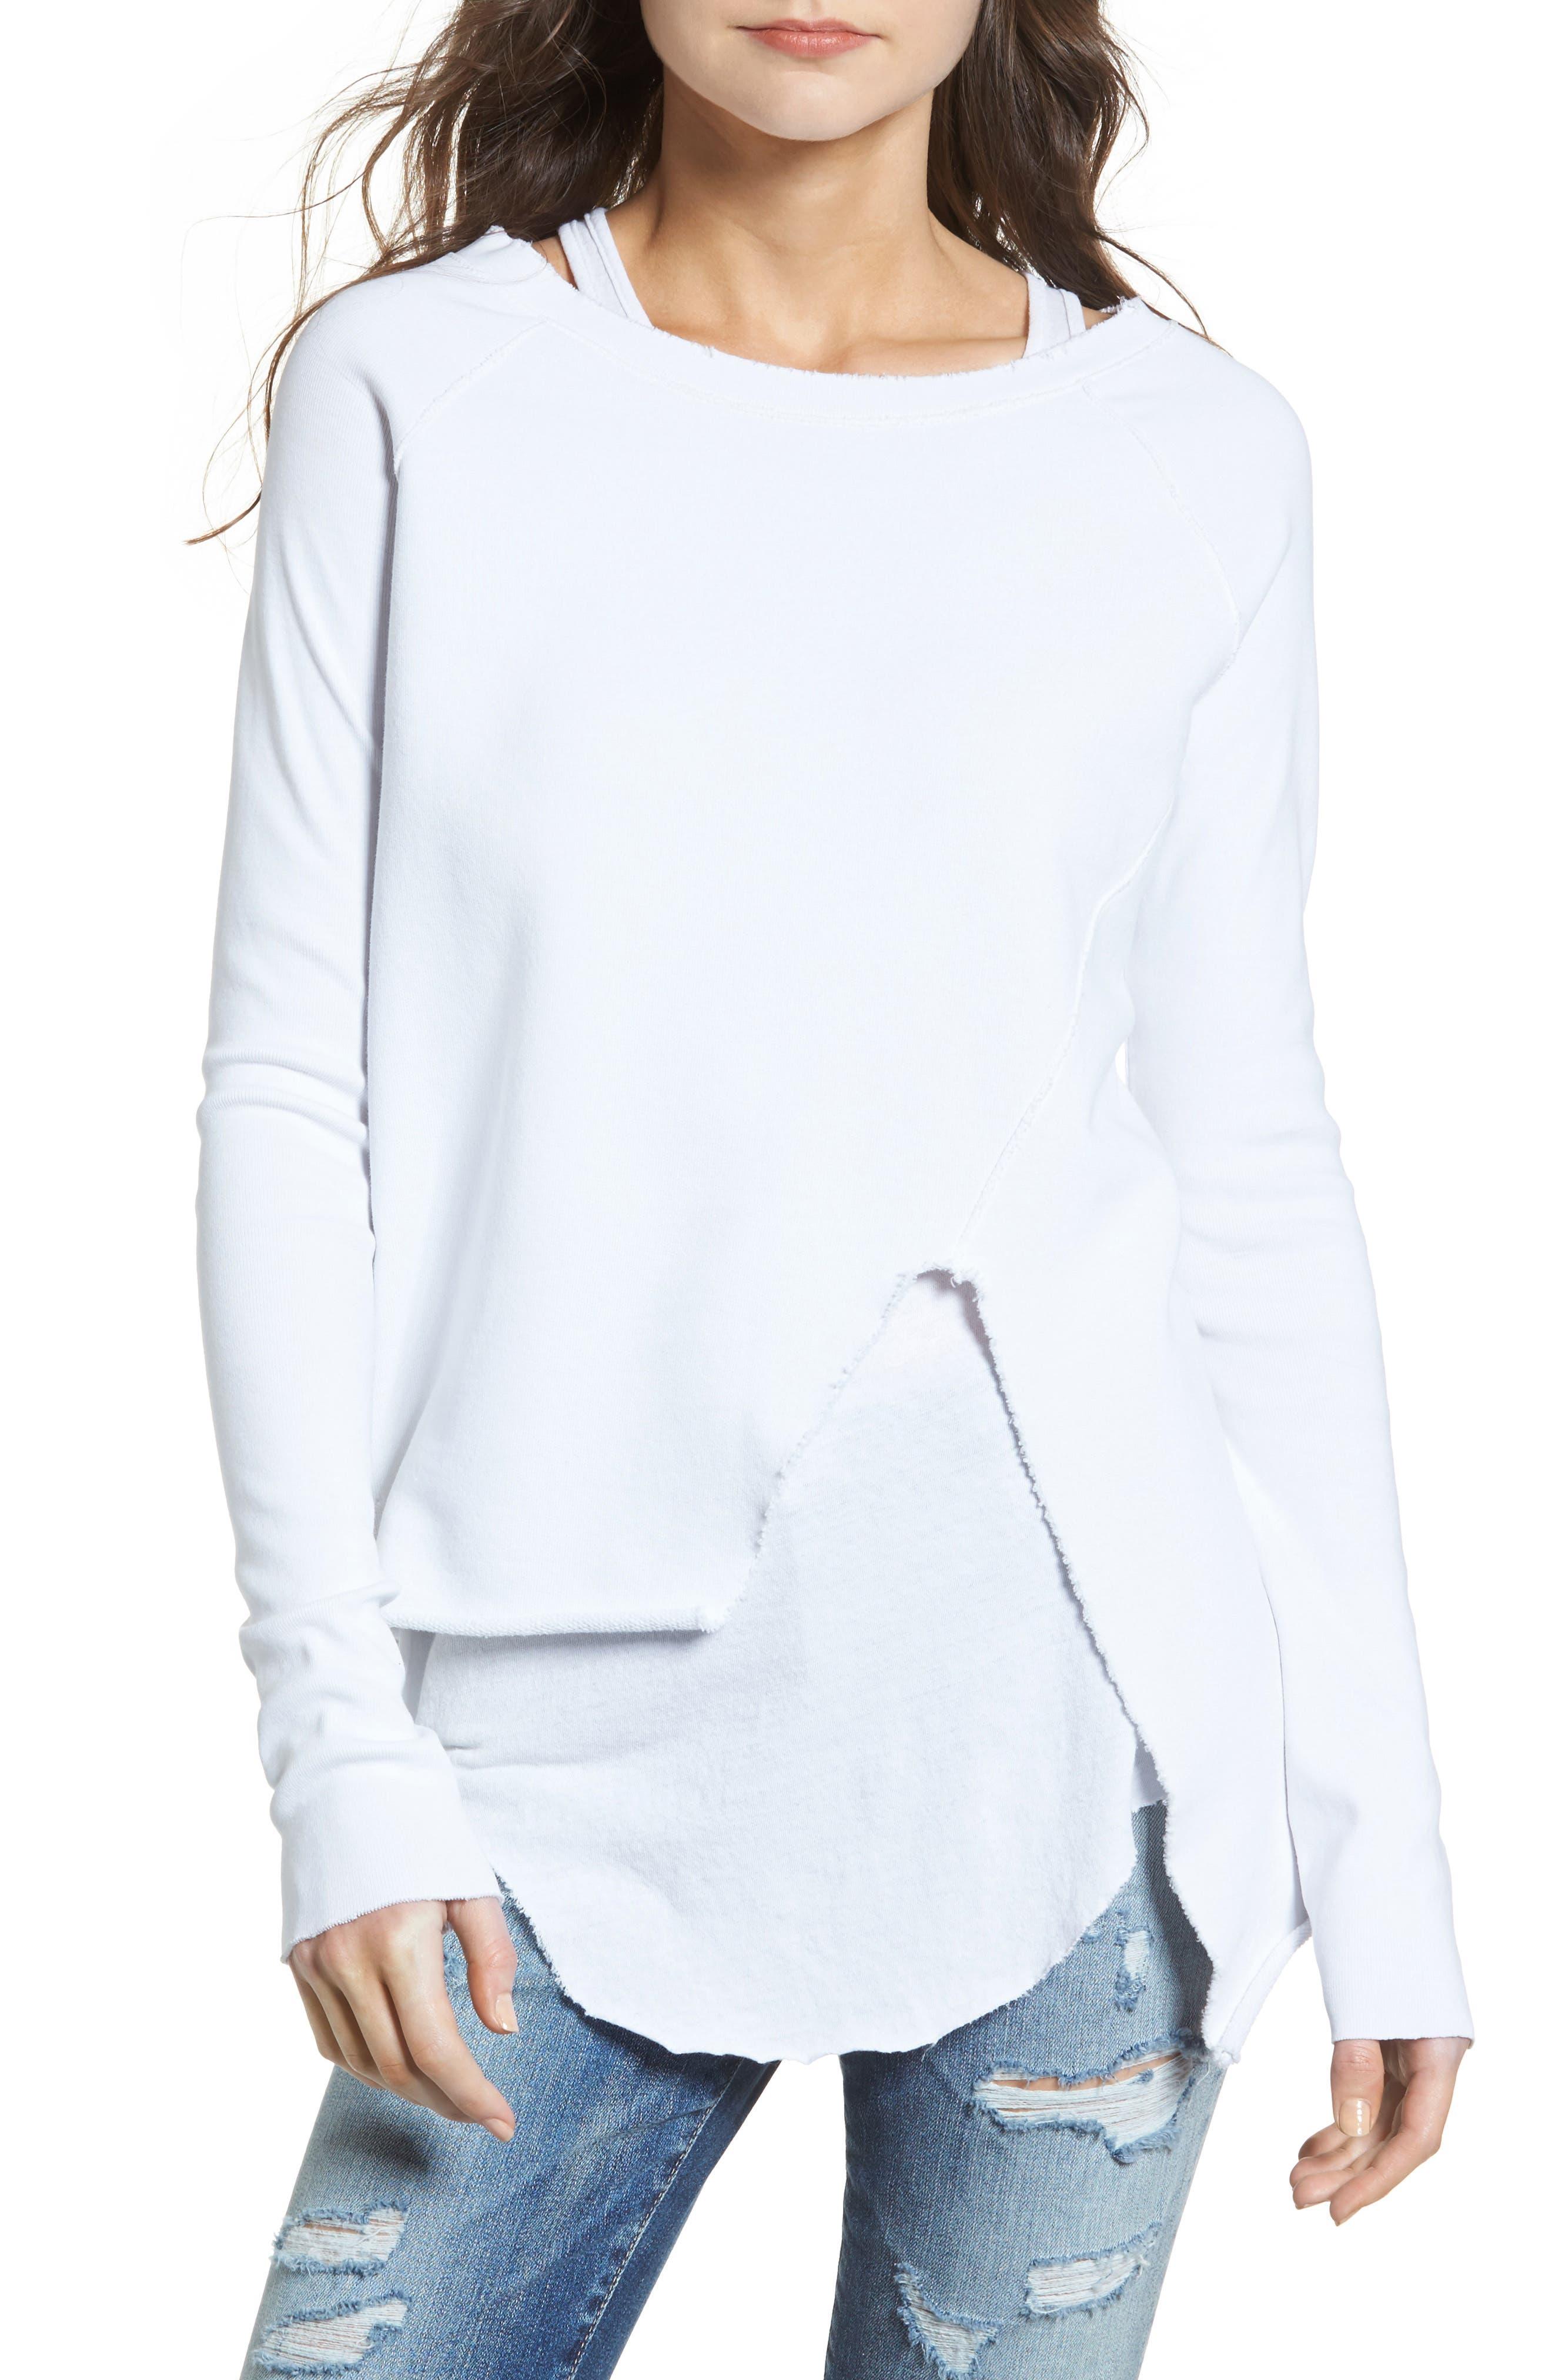 Frank & Eileen Tee Lab Asymmetrical Sweatshirt